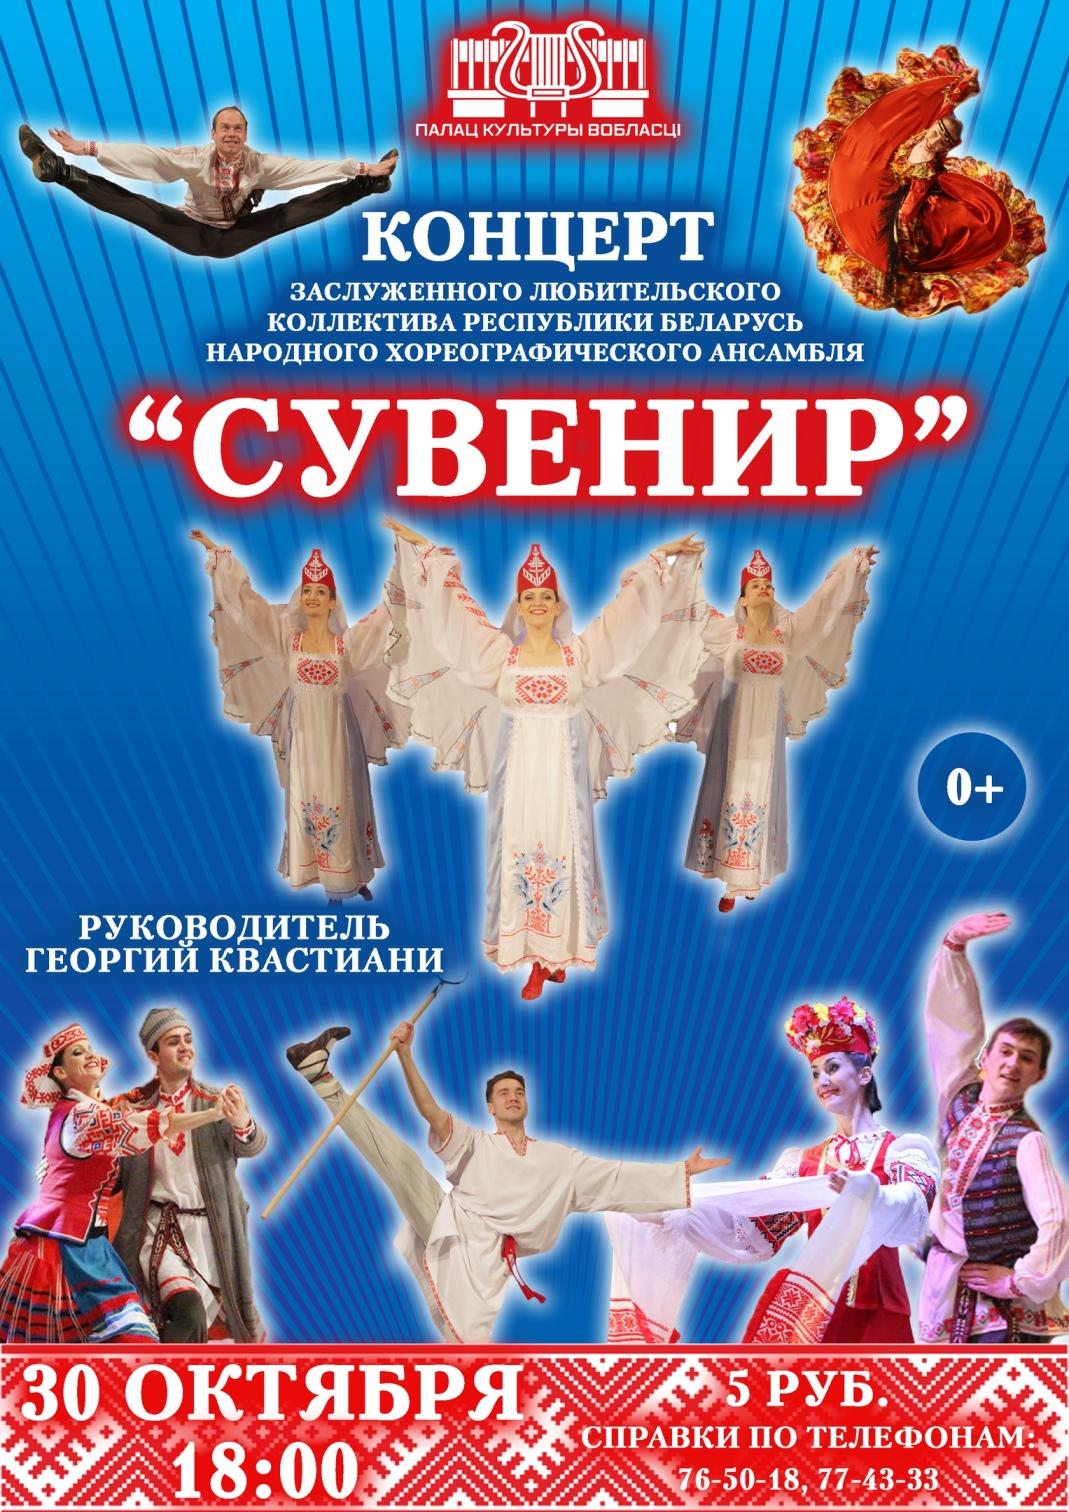 Хореографический ансамбль «Сувенир» выступит вМогилеве 30октября